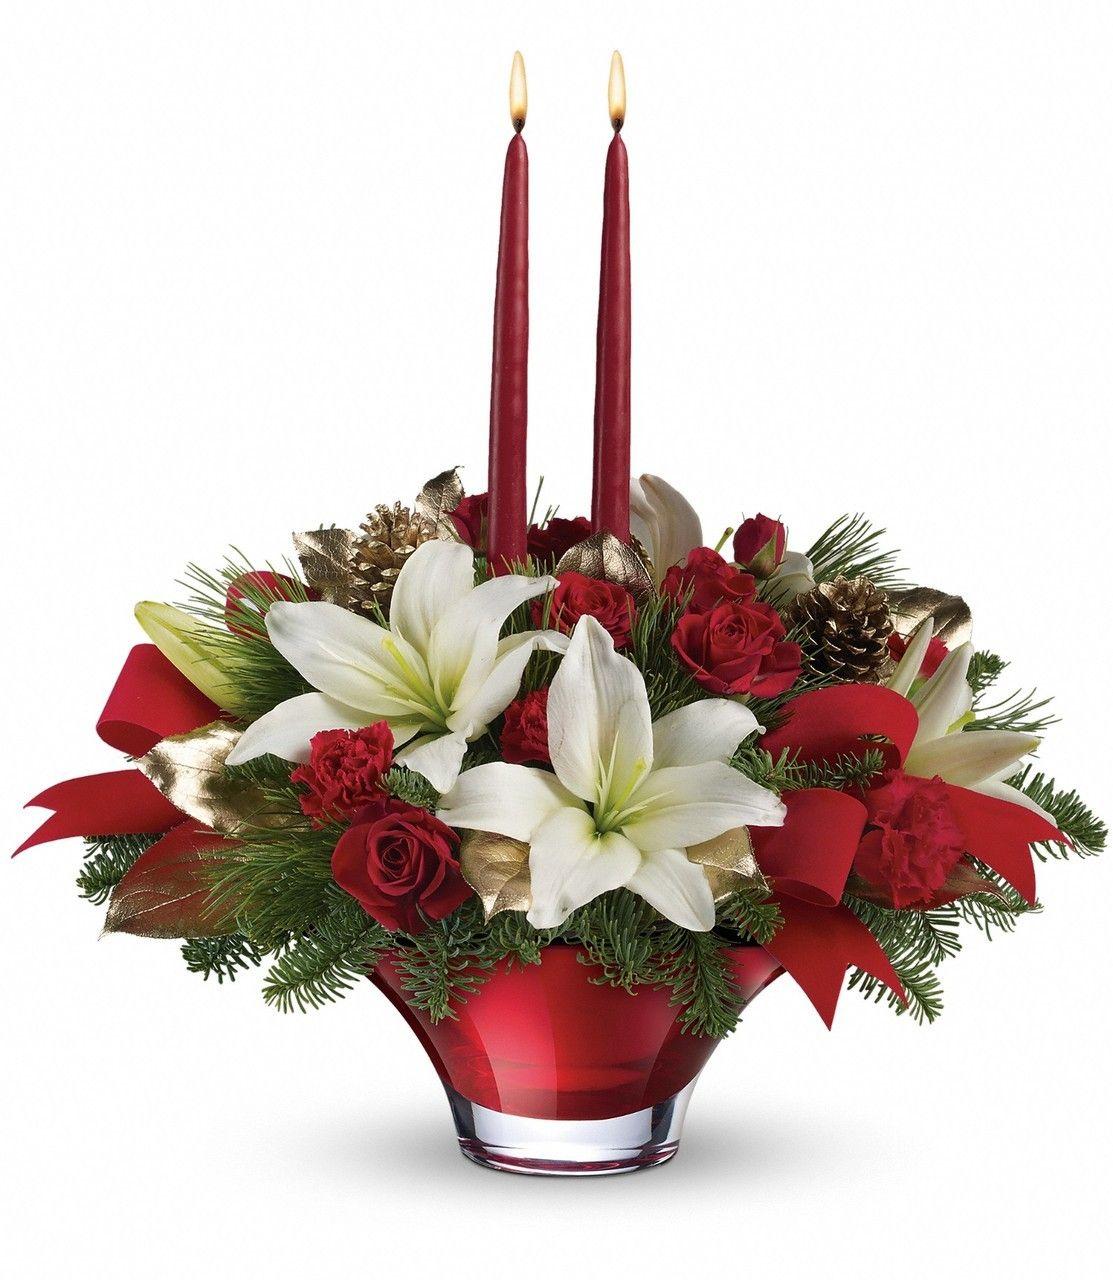 Teleflora Christmas 2019 teleflora christmas containers |  Christmas Flowers, Gifts and